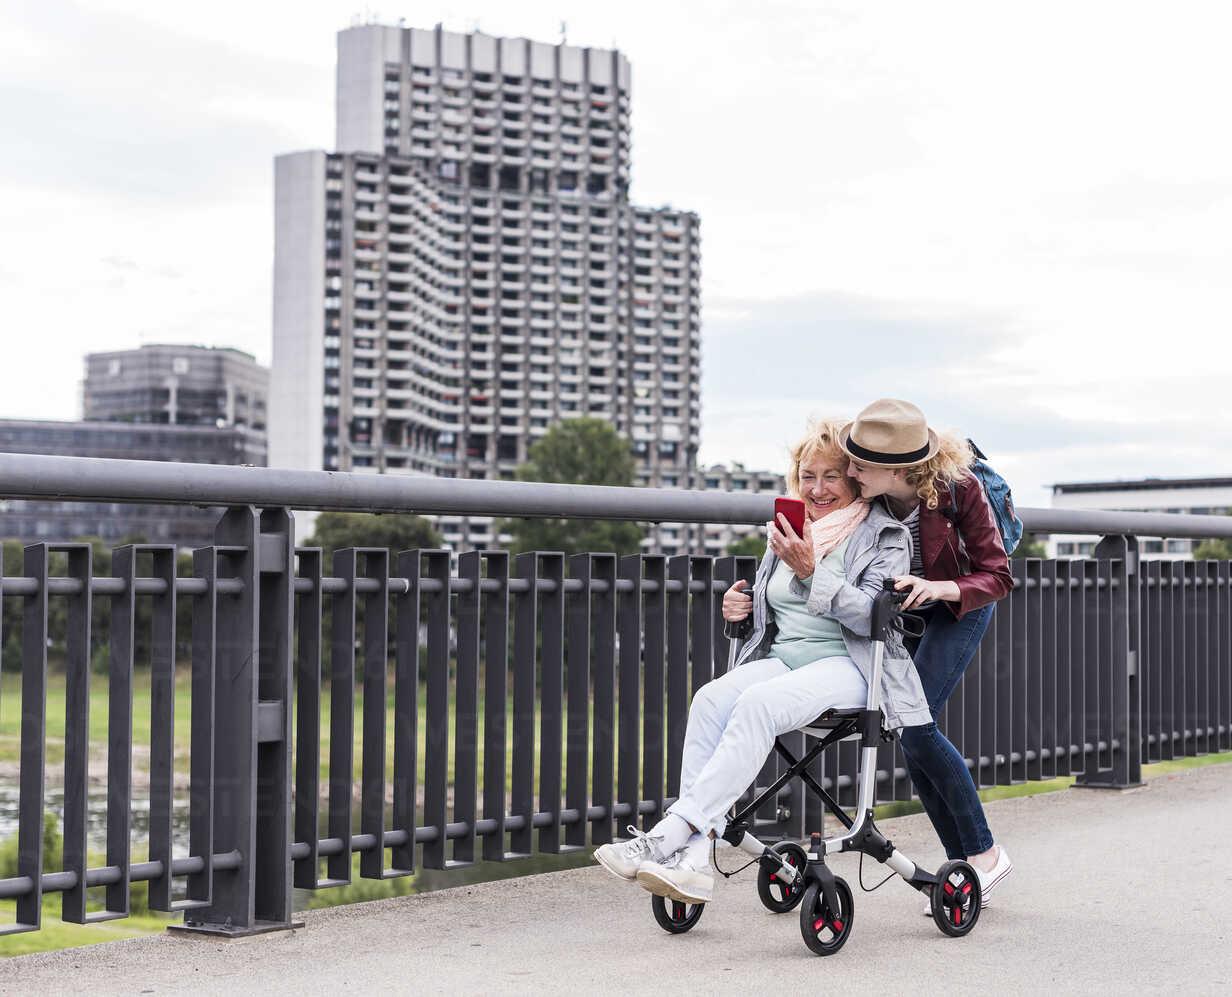 Grandmother and granddaughter having fun together - UUF11358 - Uwe Umstätter/Westend61